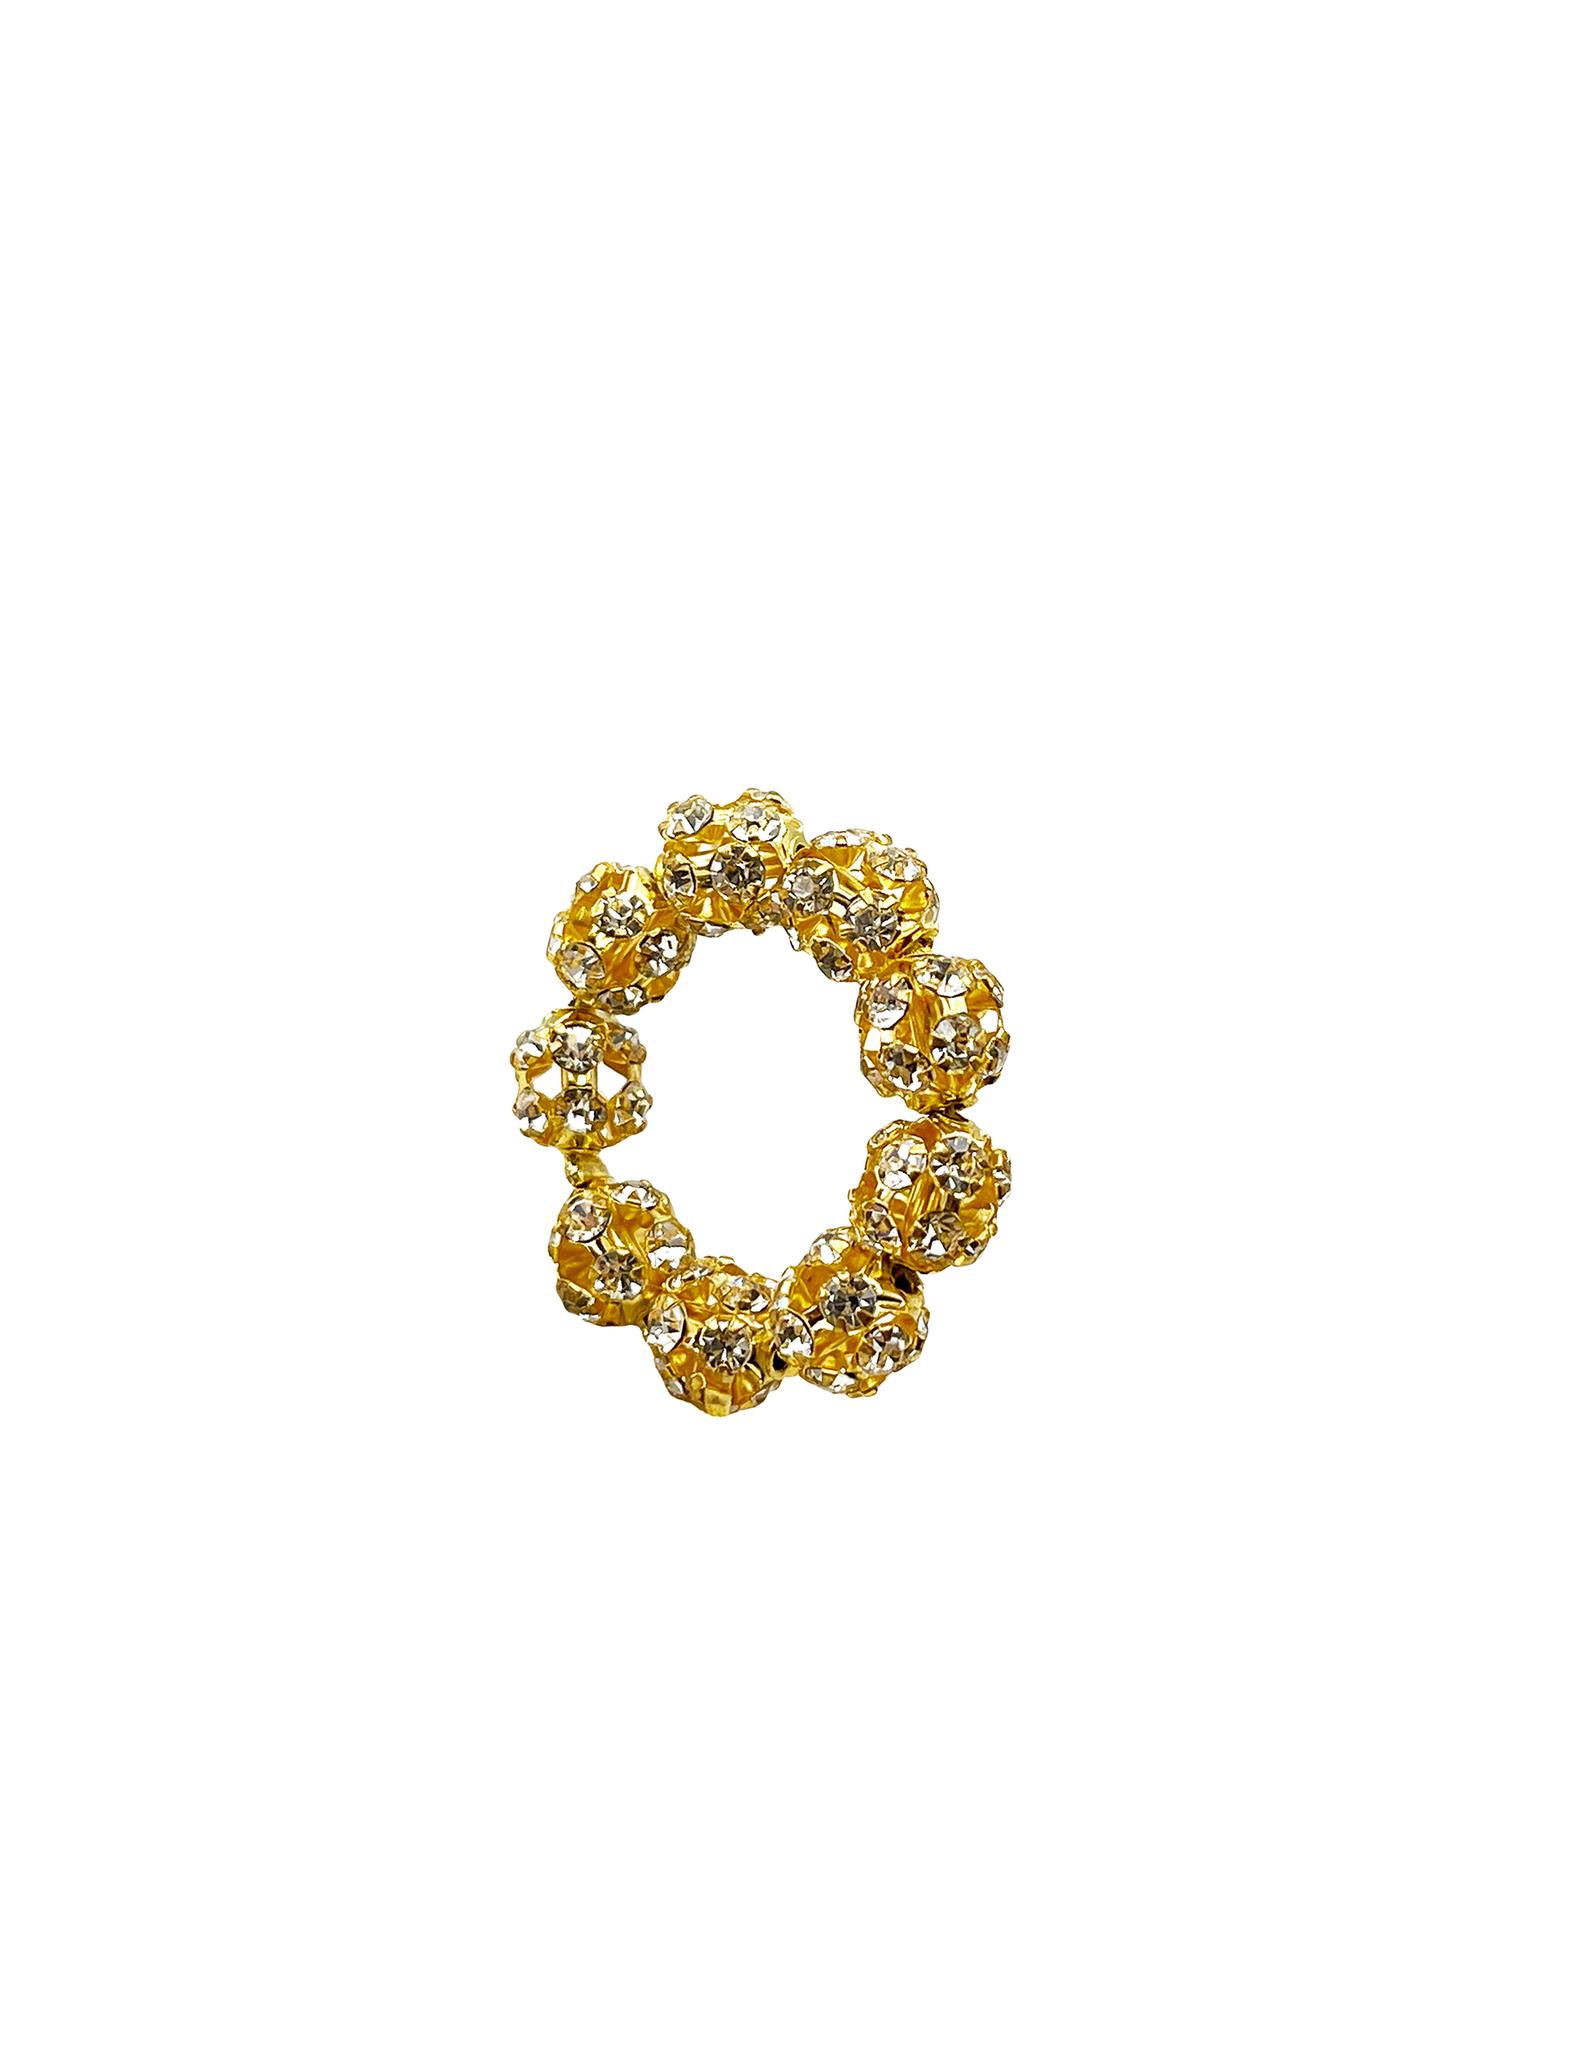 Подвеска Кольцо из сверкающих бусин 6 мм / gold tone /